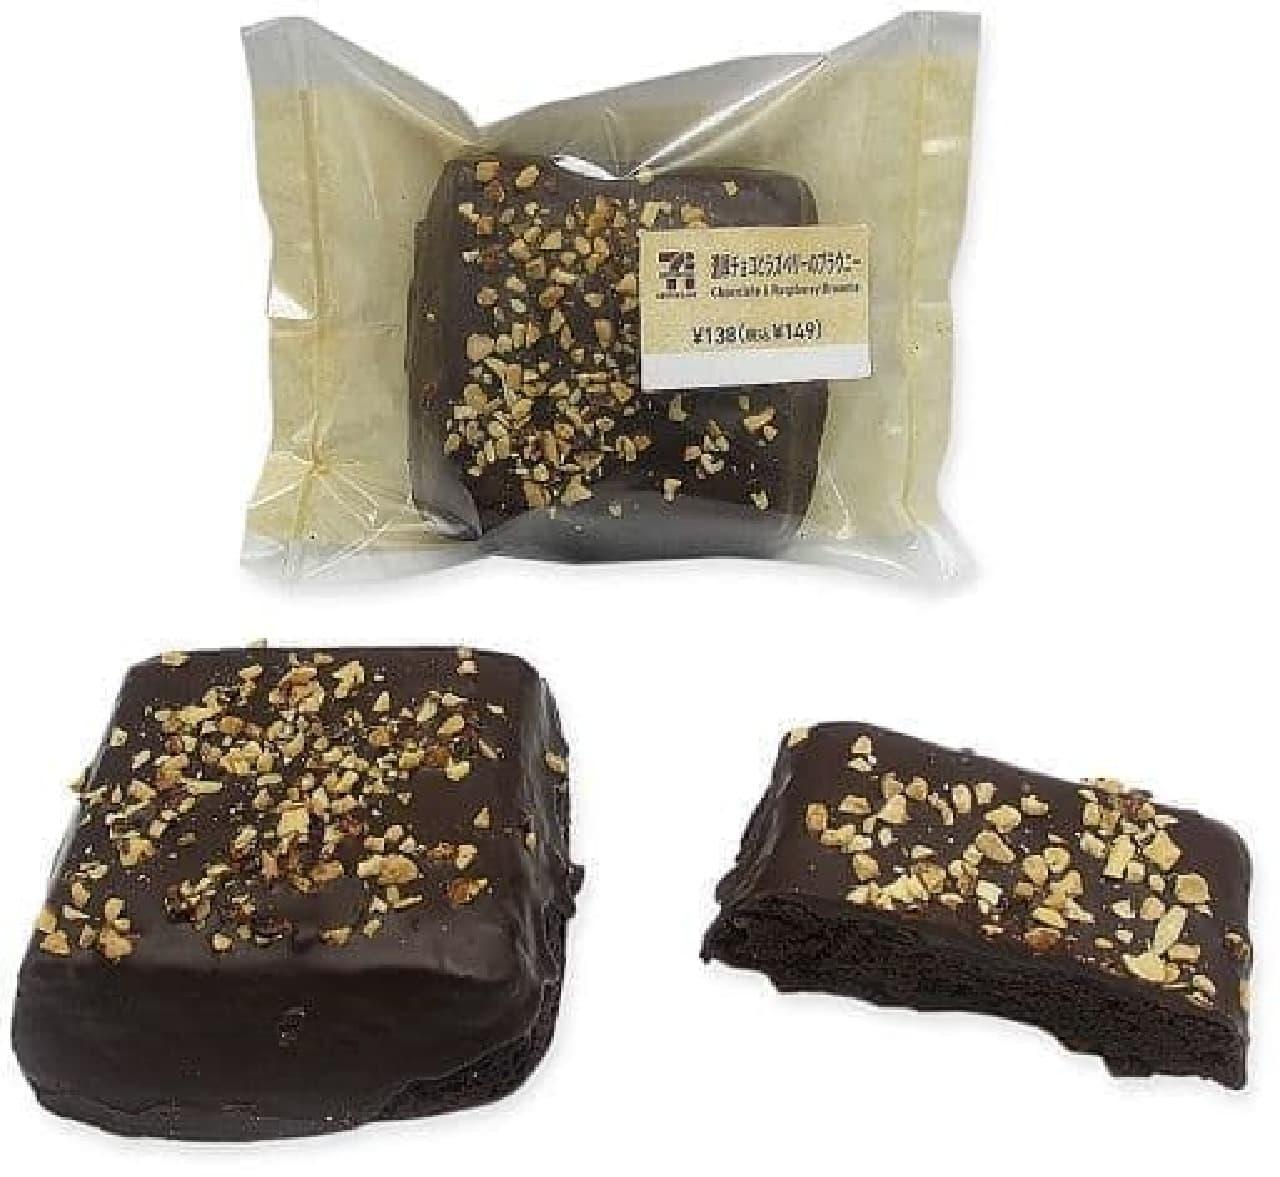 セブン-イレブン「濃厚チョコとラズベリーのブラウニー」